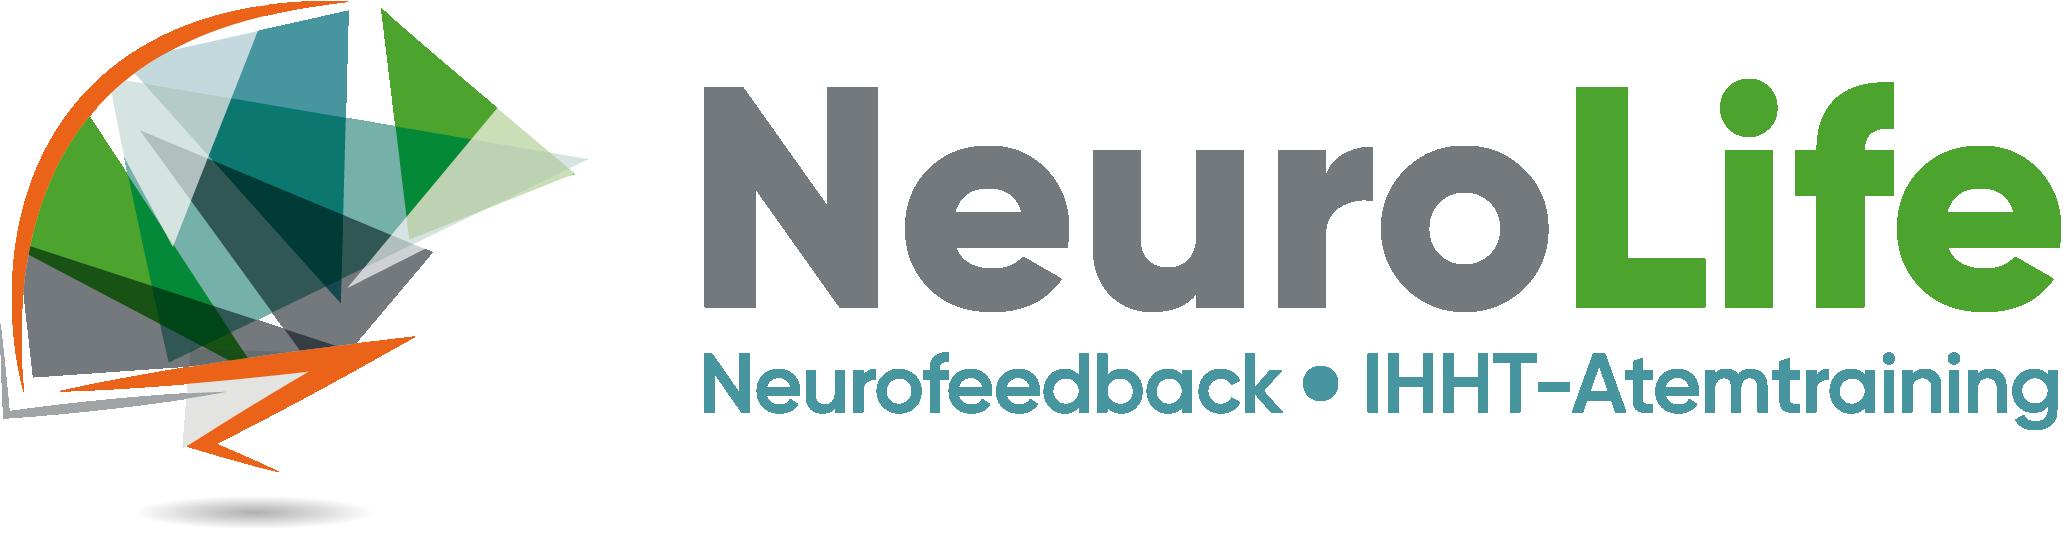 NeuroLife Logo links_NF_IHHT_ohne Trenner